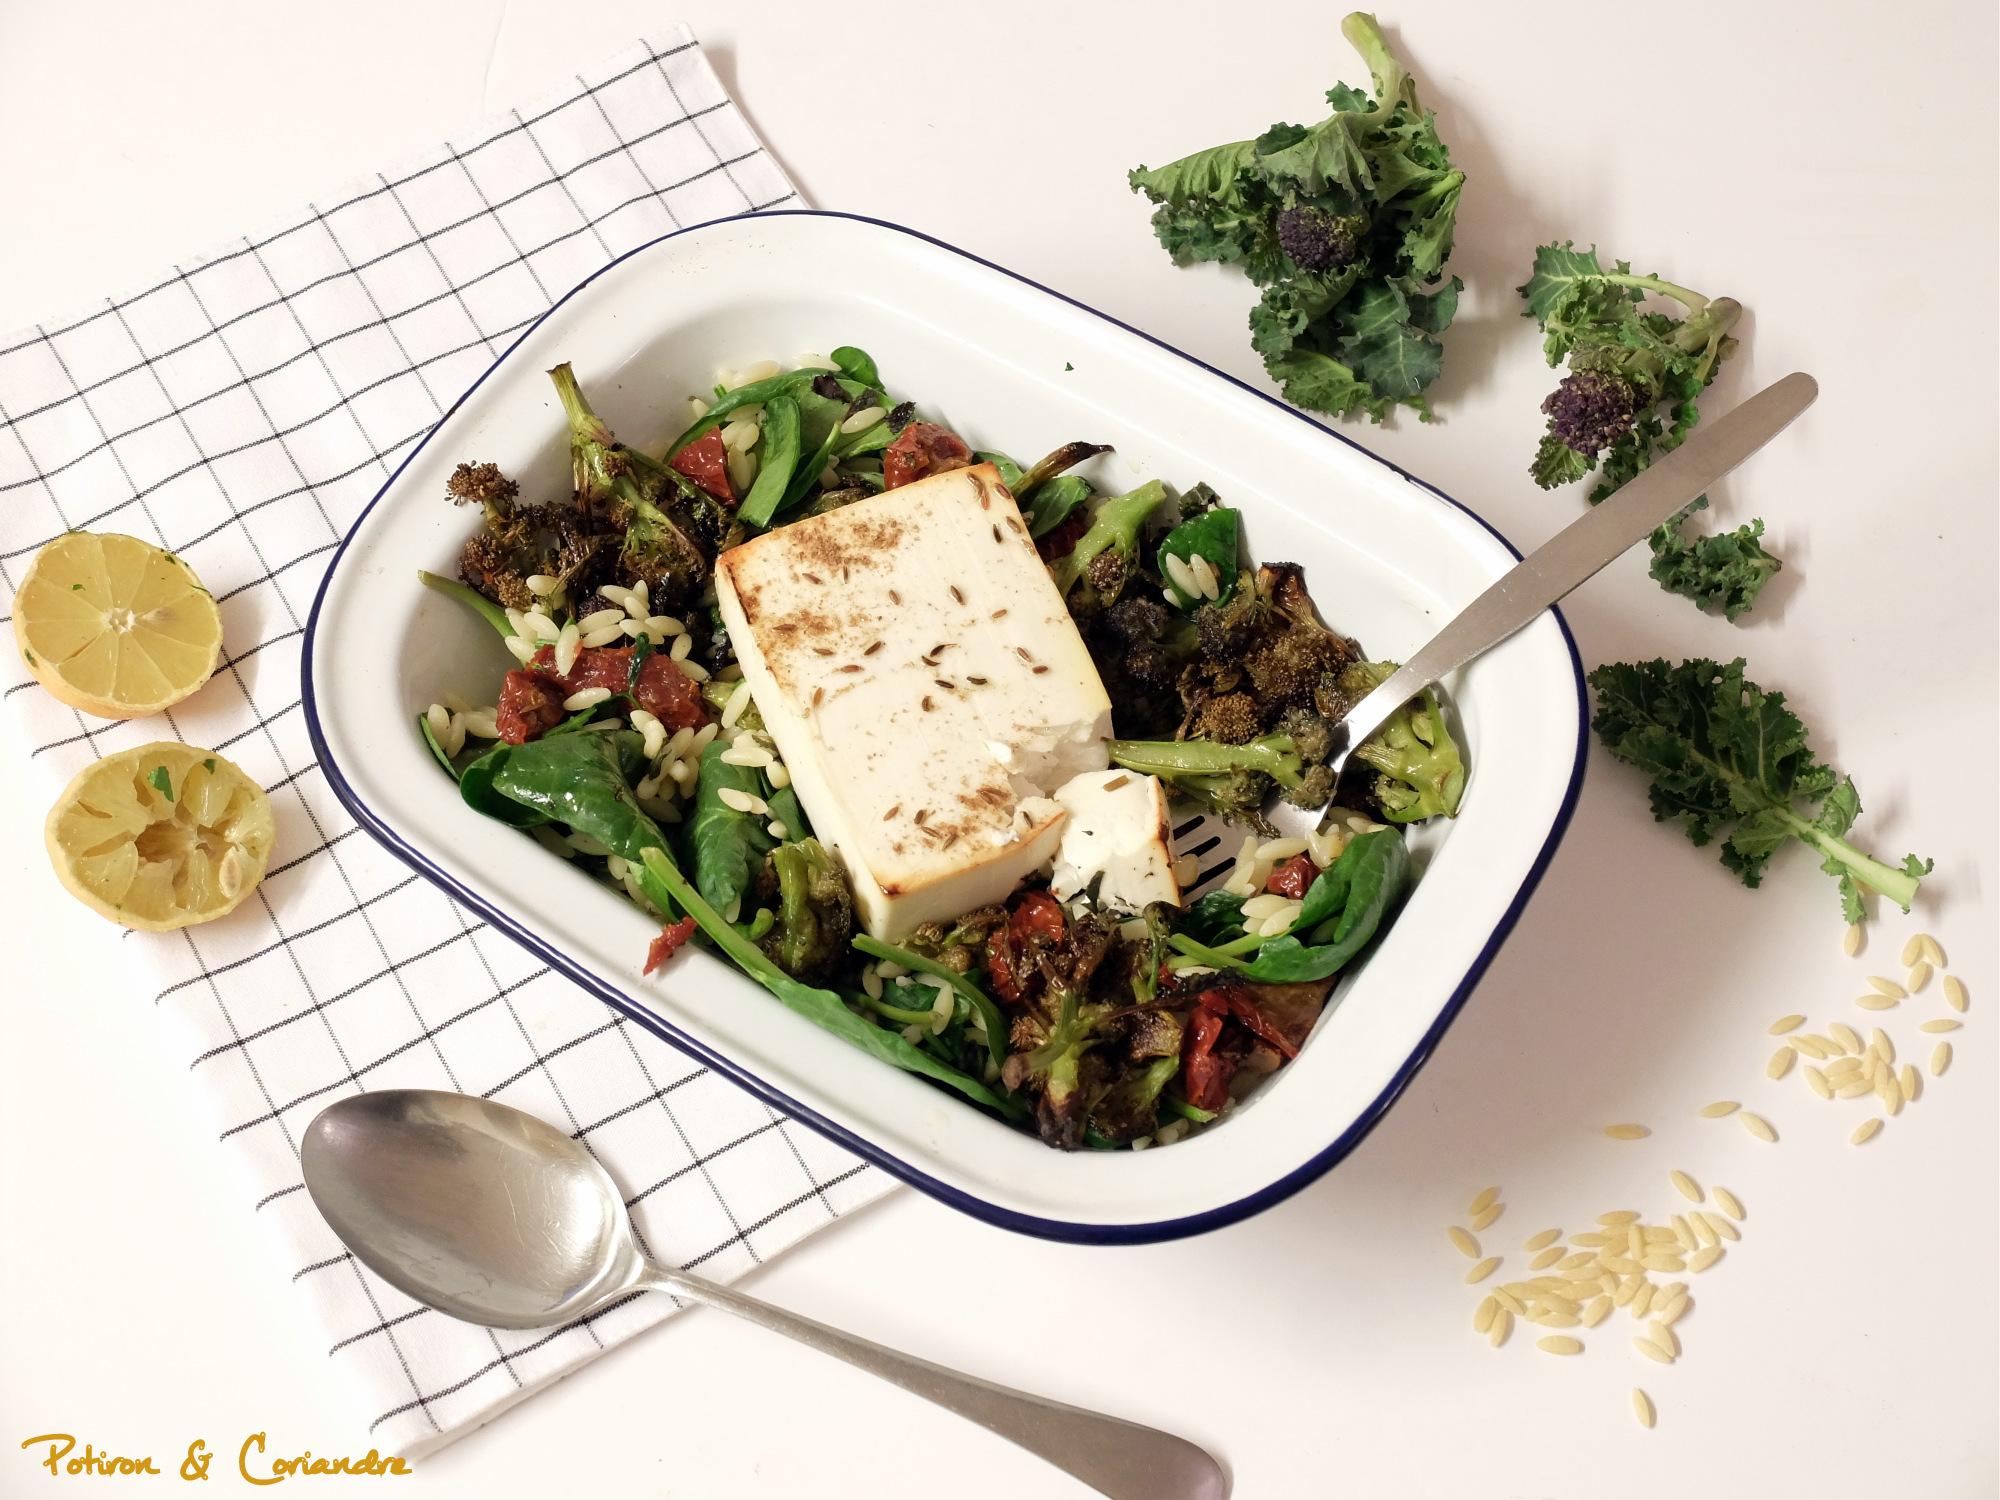 Salade d'orzo aux brocolis violets et feta rôtie